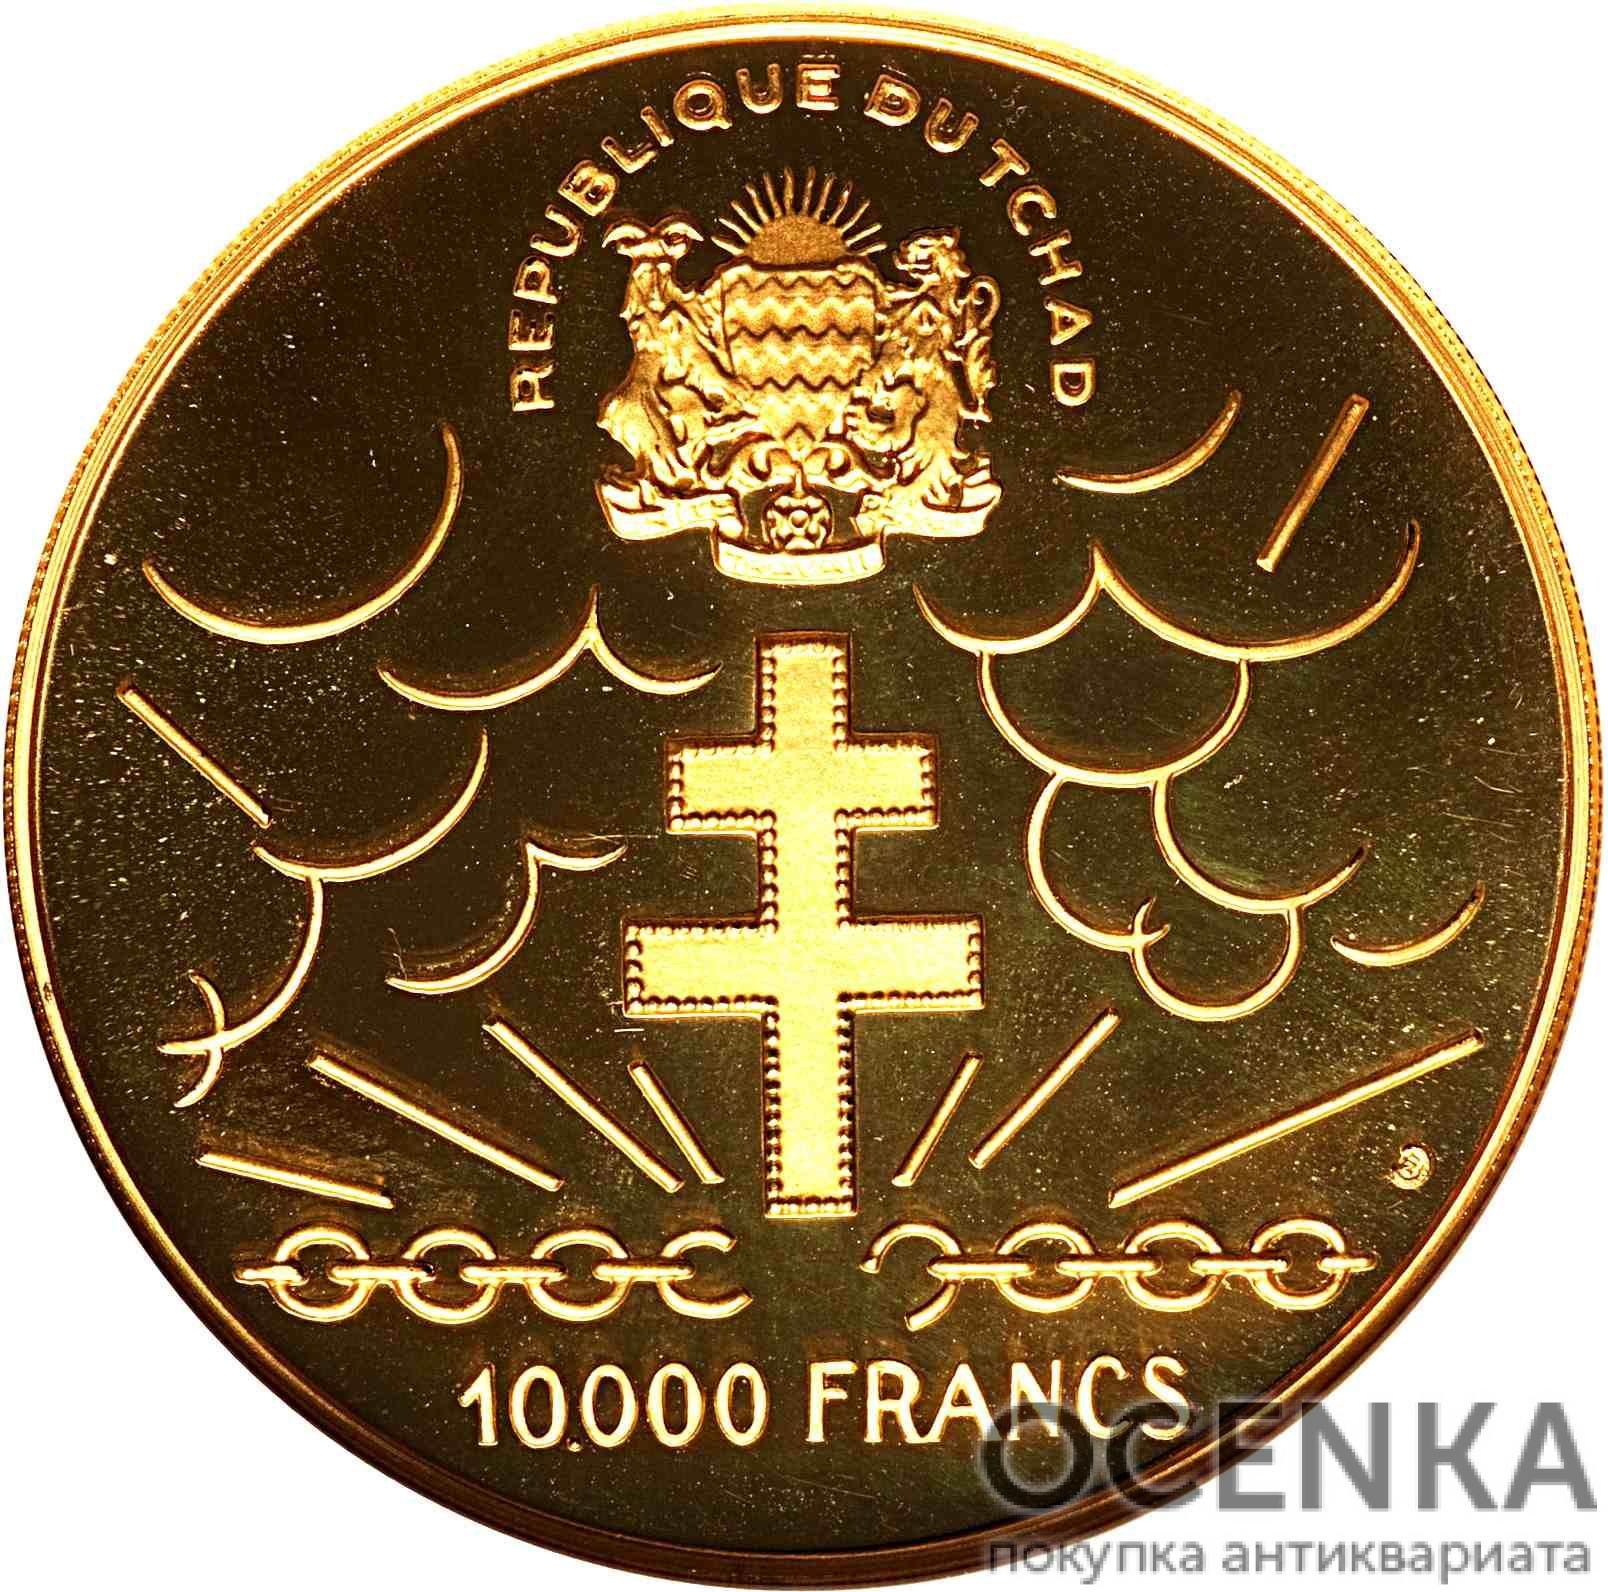 Золотая монета 10 000 Франков (10 000 Francs) Чад